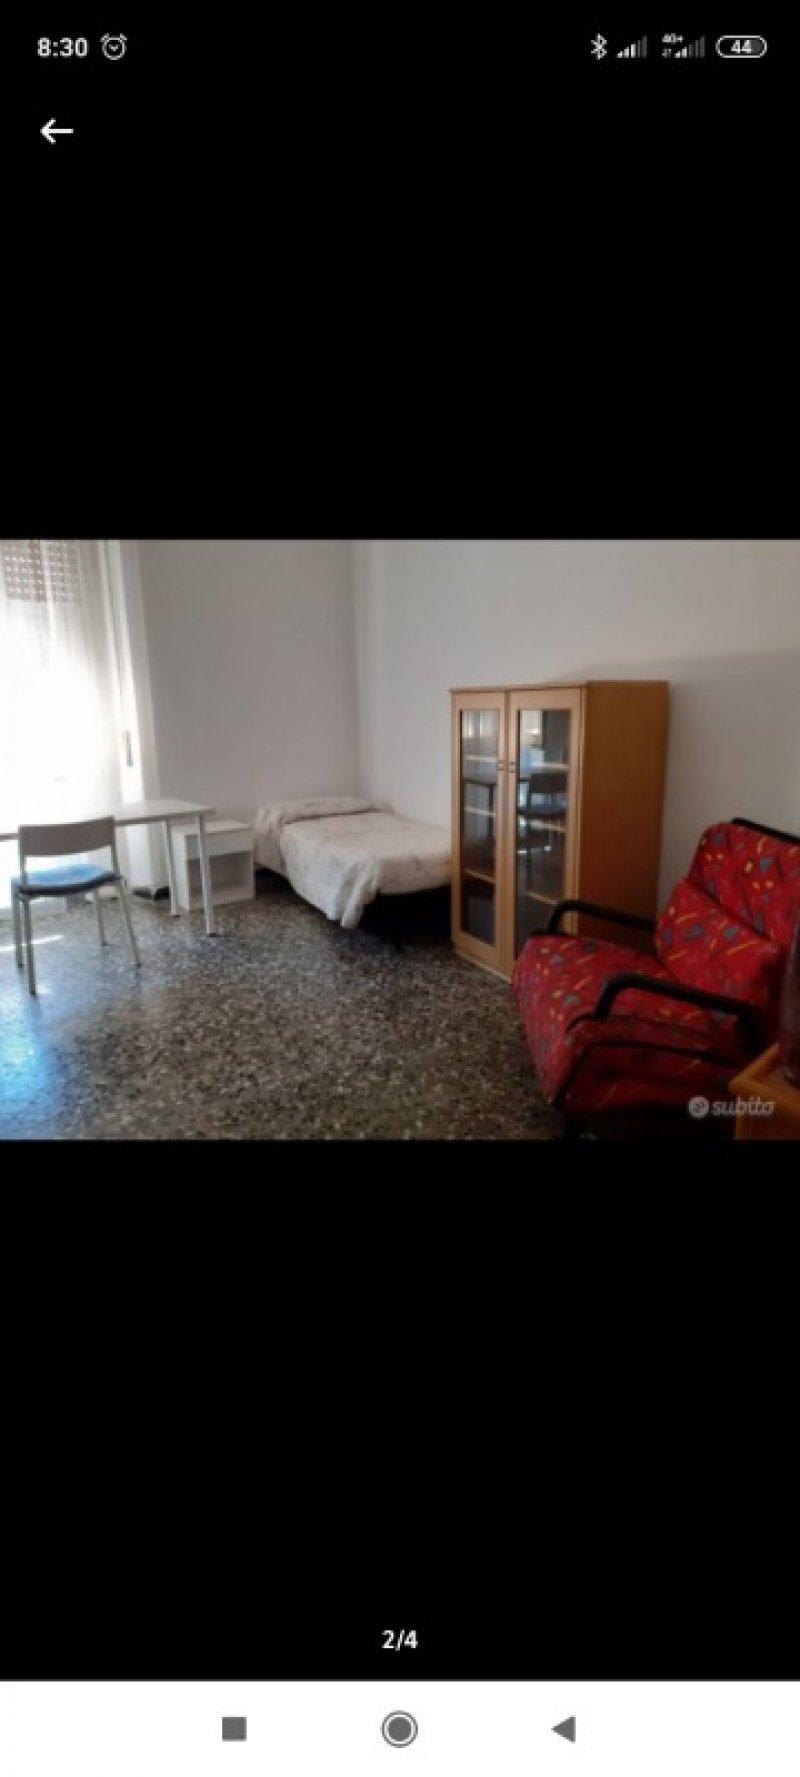 Cagliari ampia stanza in San Benedetto a Cagliari in Affitto